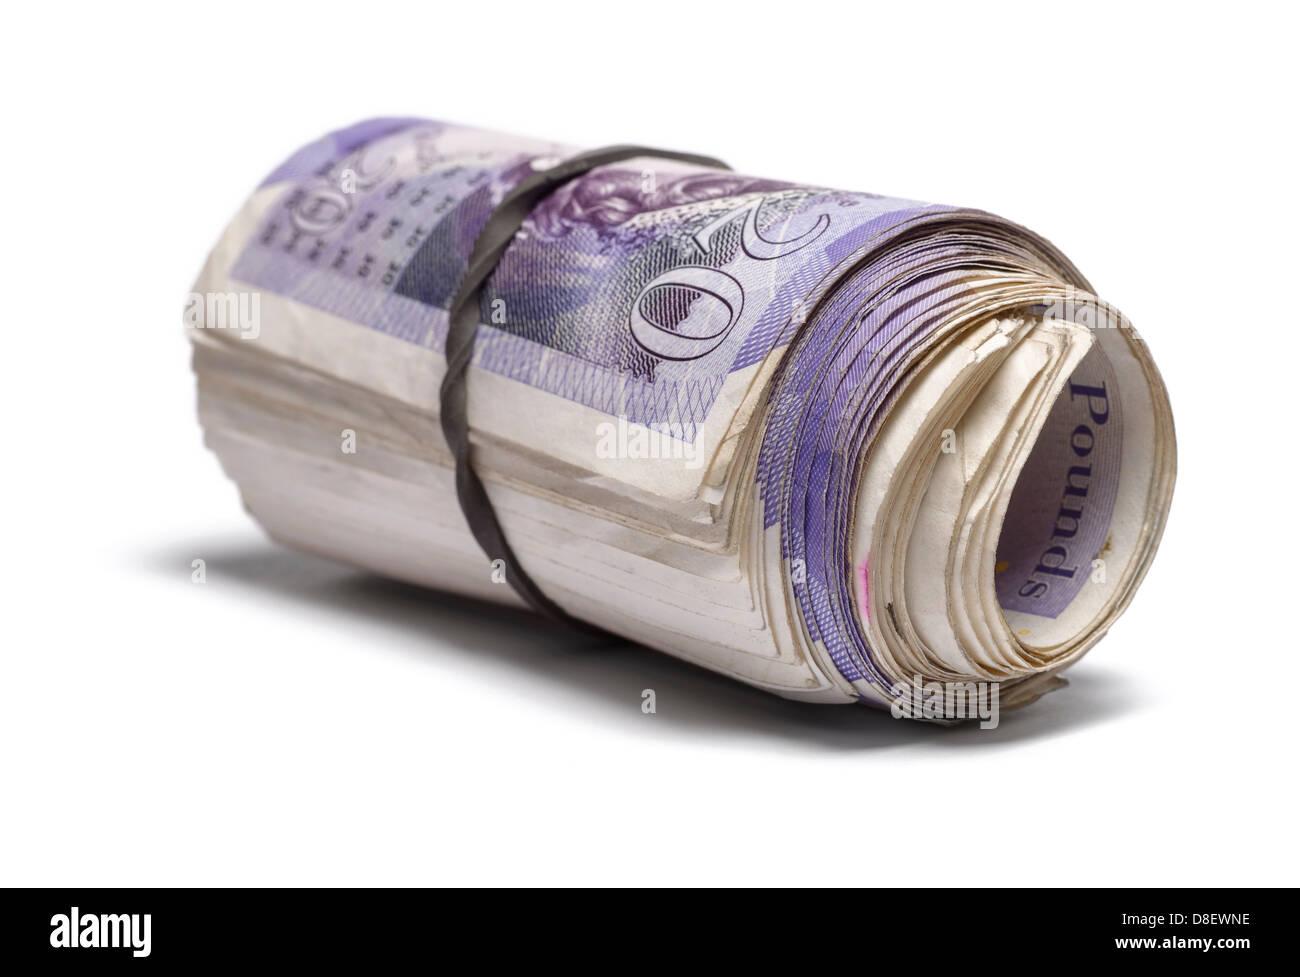 Bundle of twenty pound notes - Stock Image